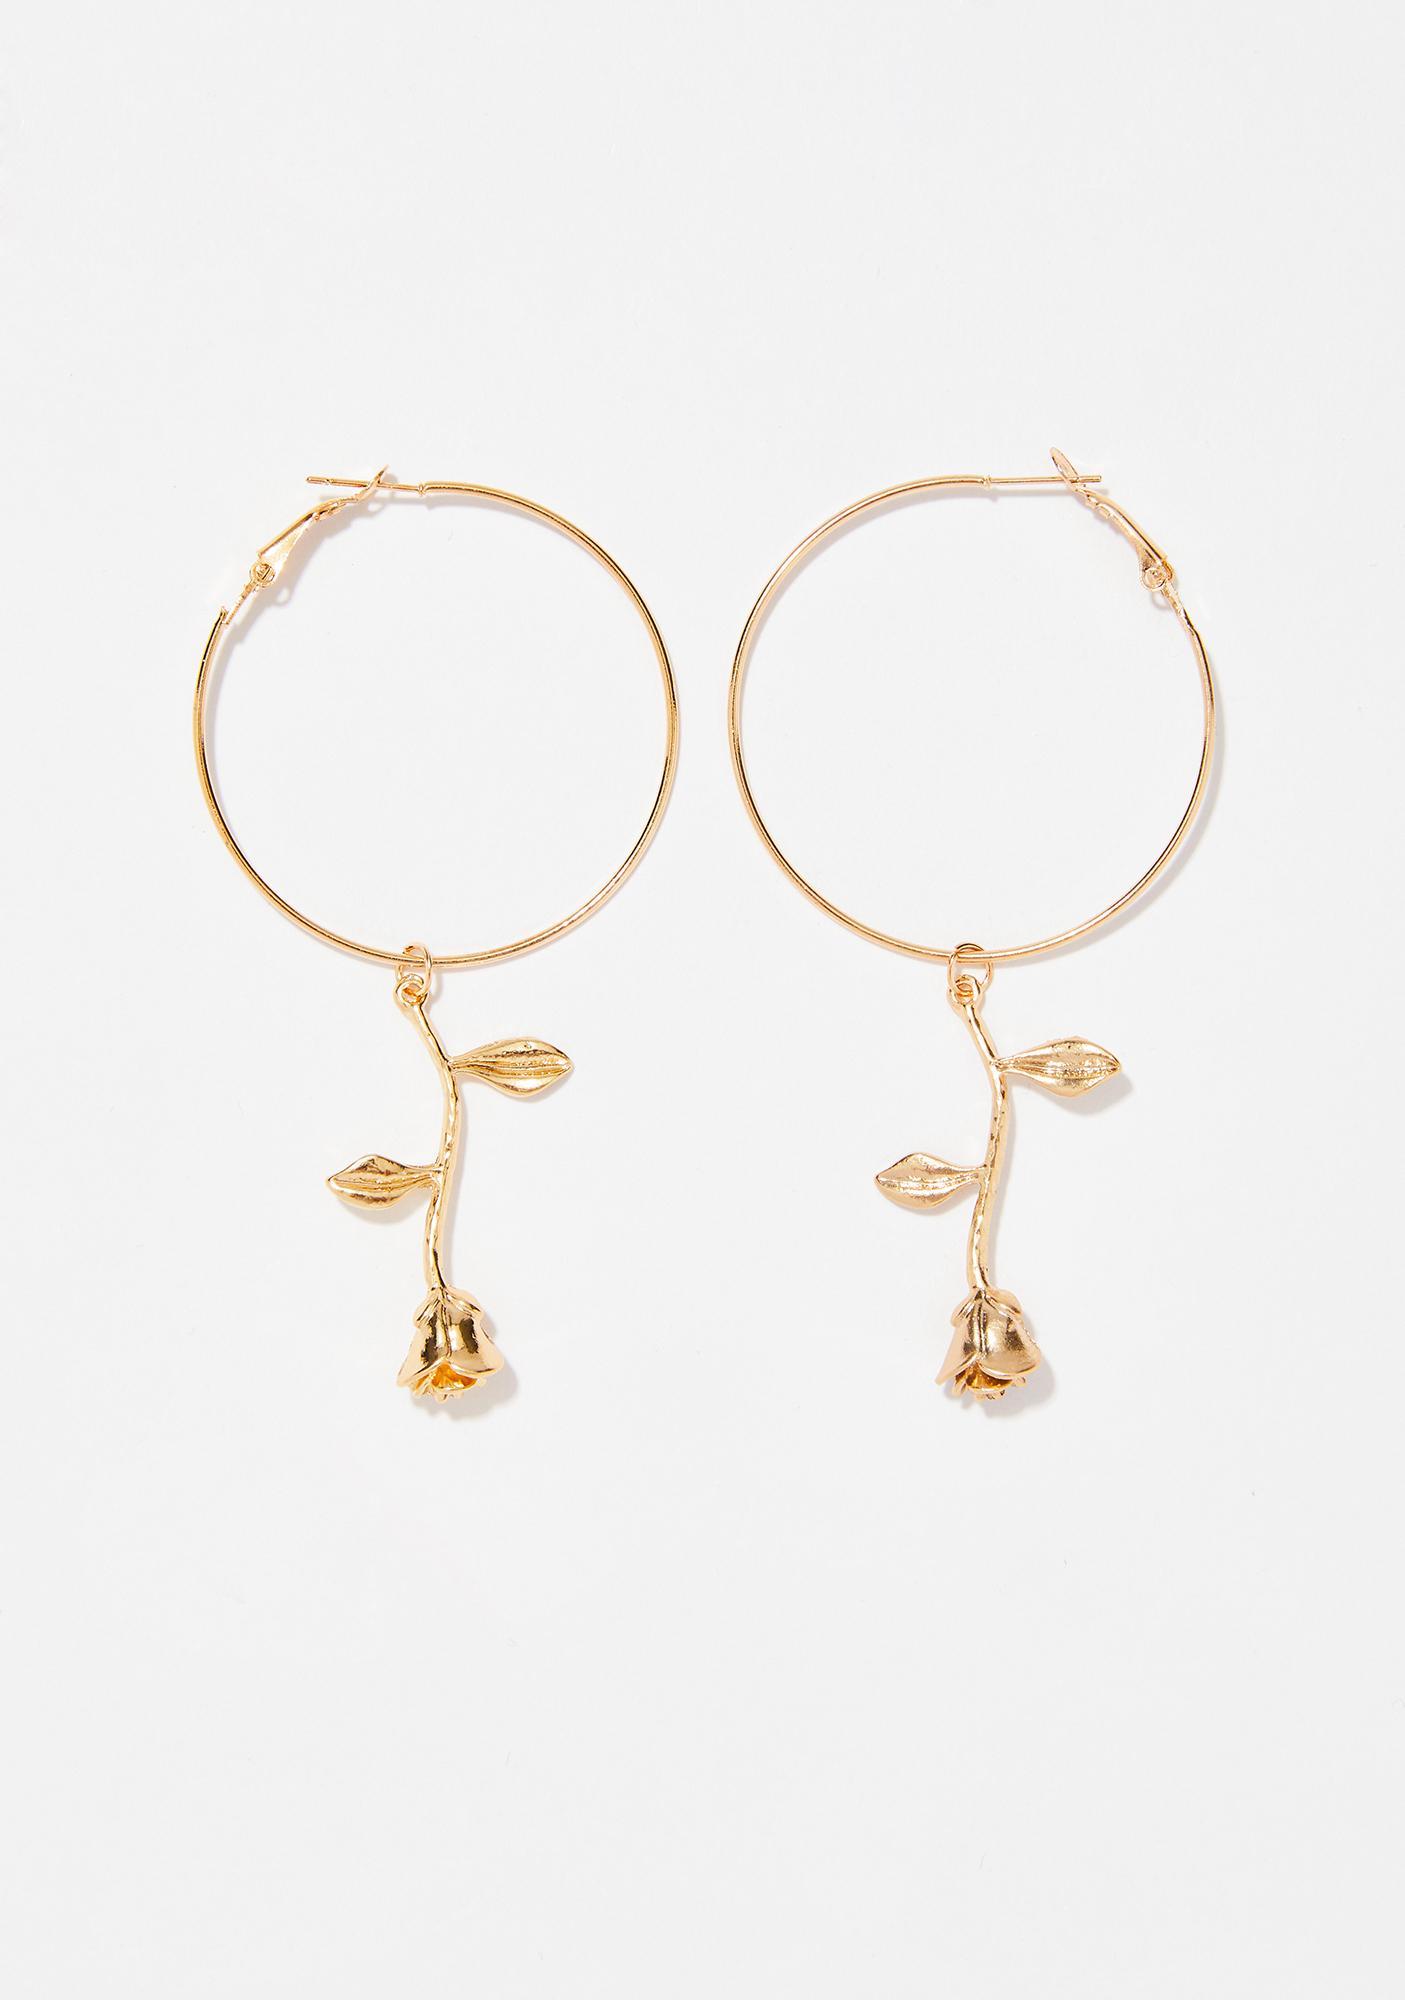 Enchanted Rose Hoop Earrings